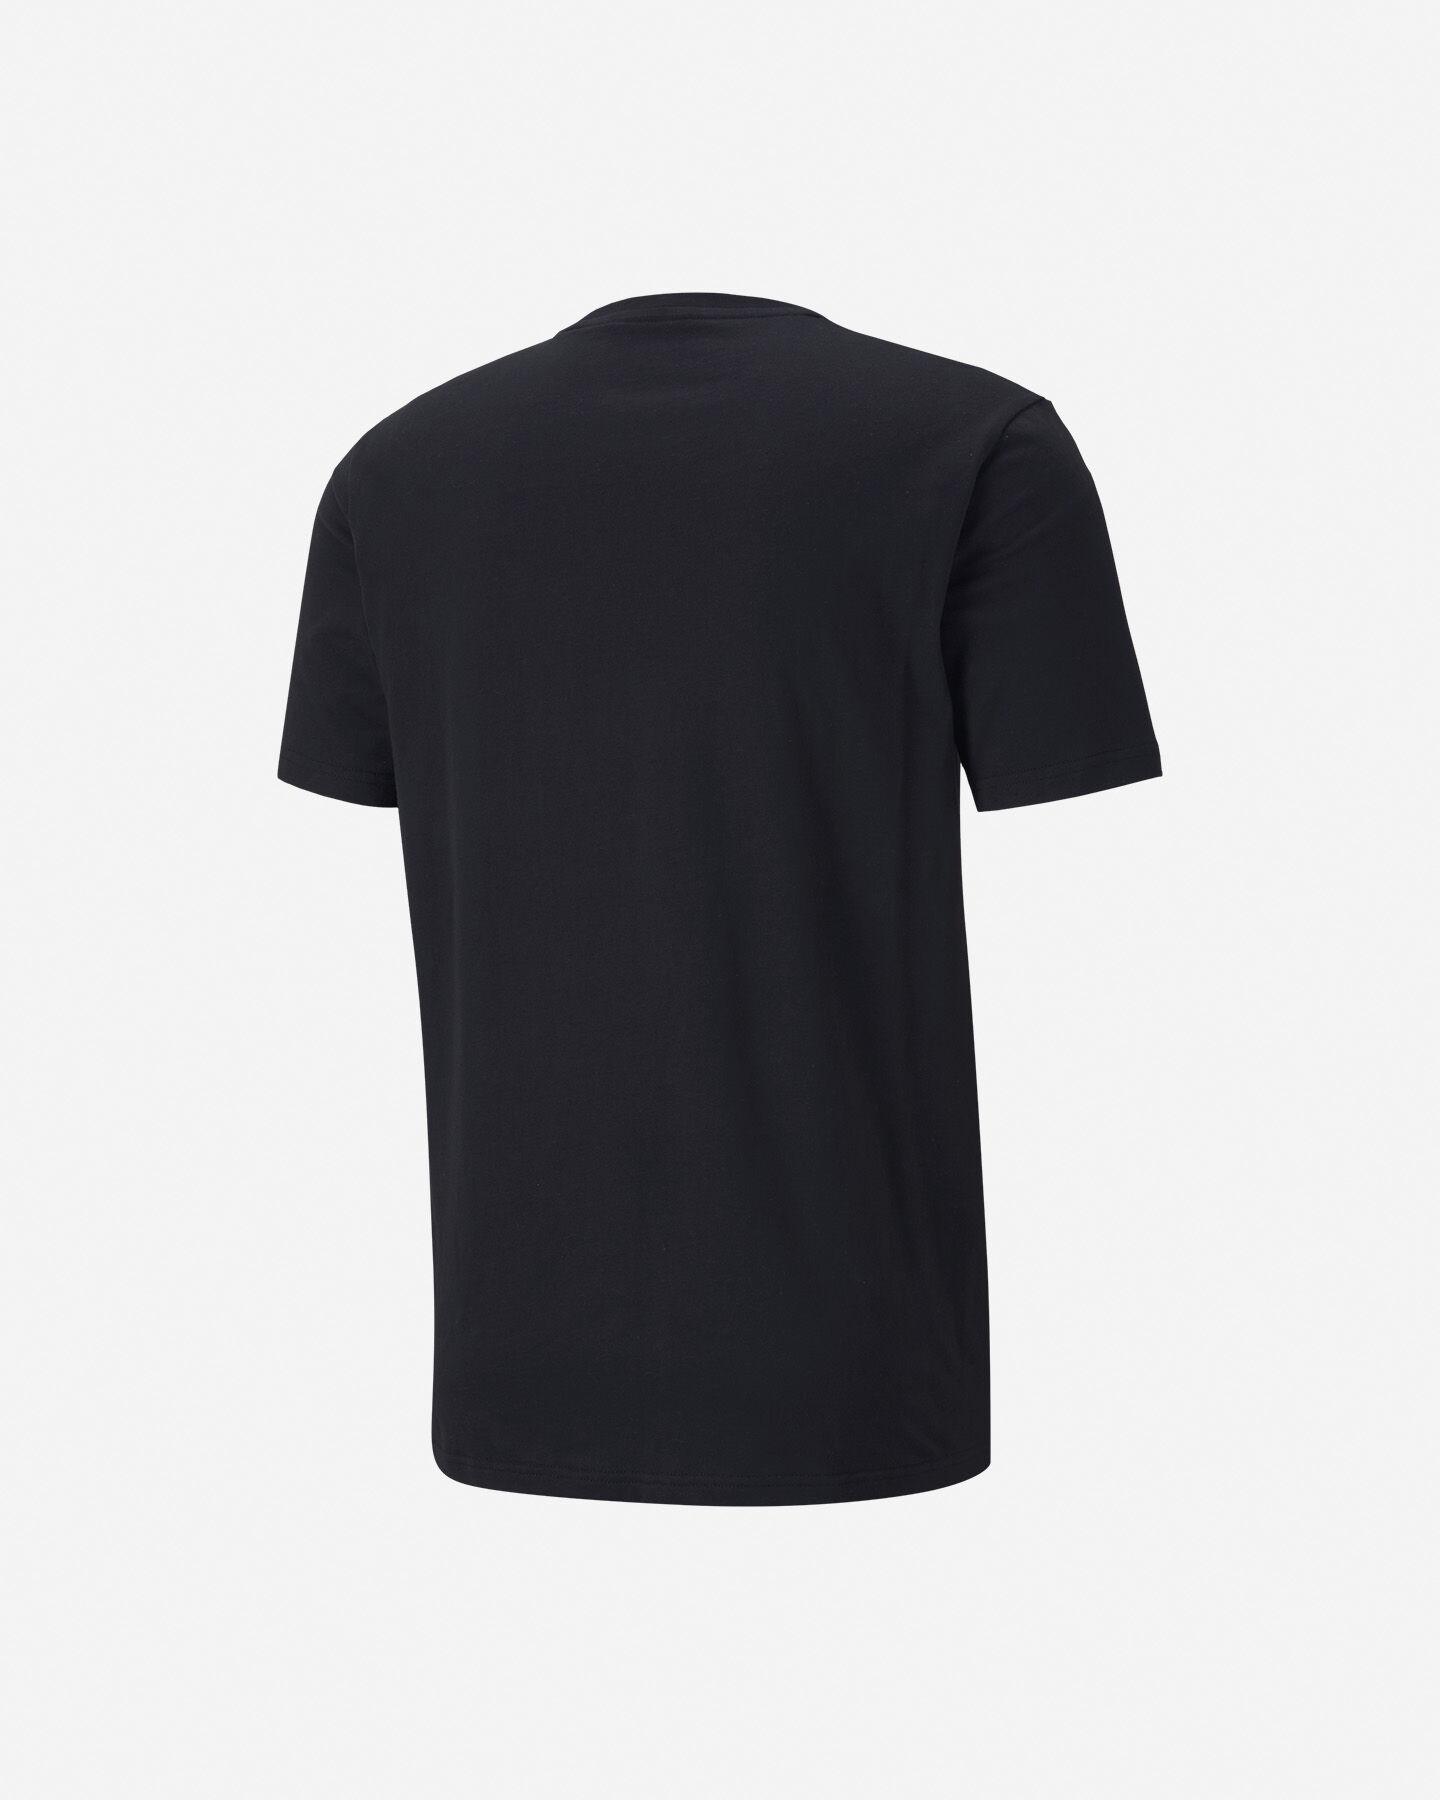 T-Shirt PUMA ATHTLETIC M S5235064 scatto 1